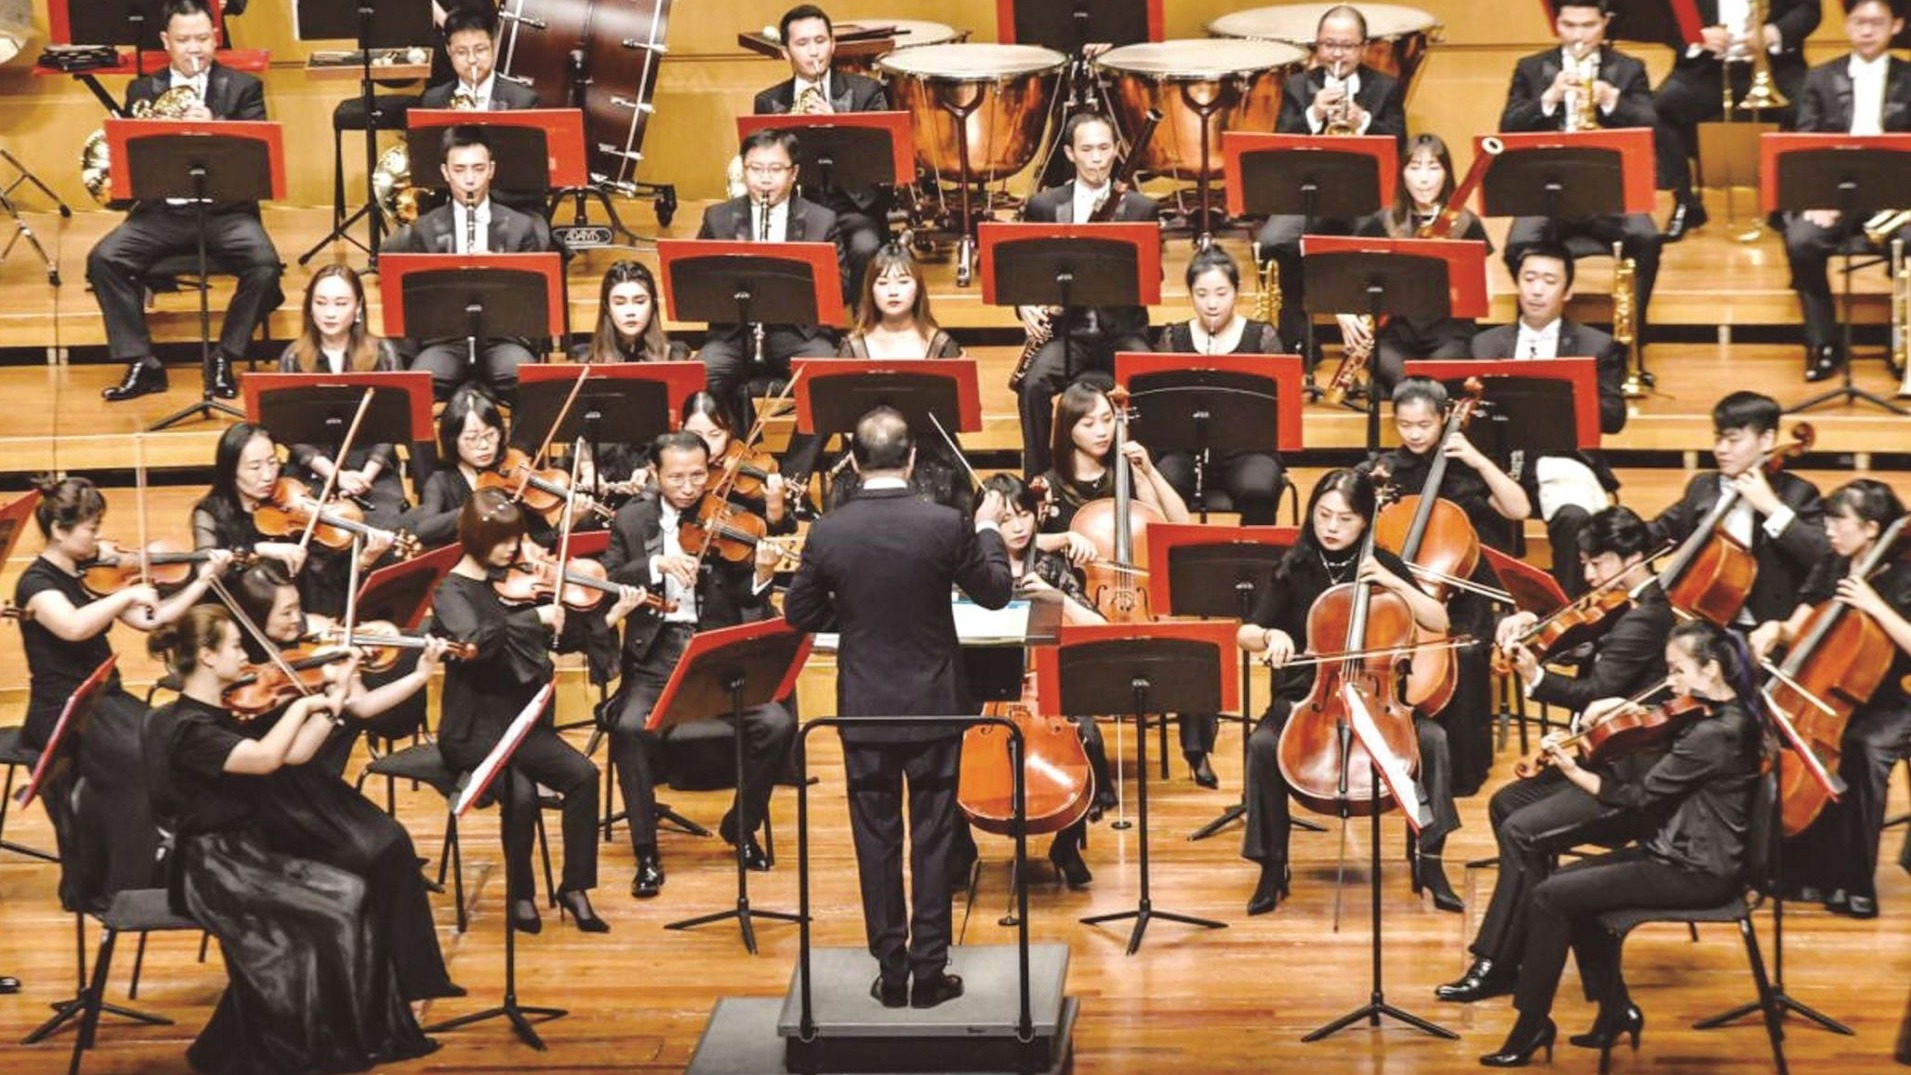 武漢29場音樂會橫貫43個夏日